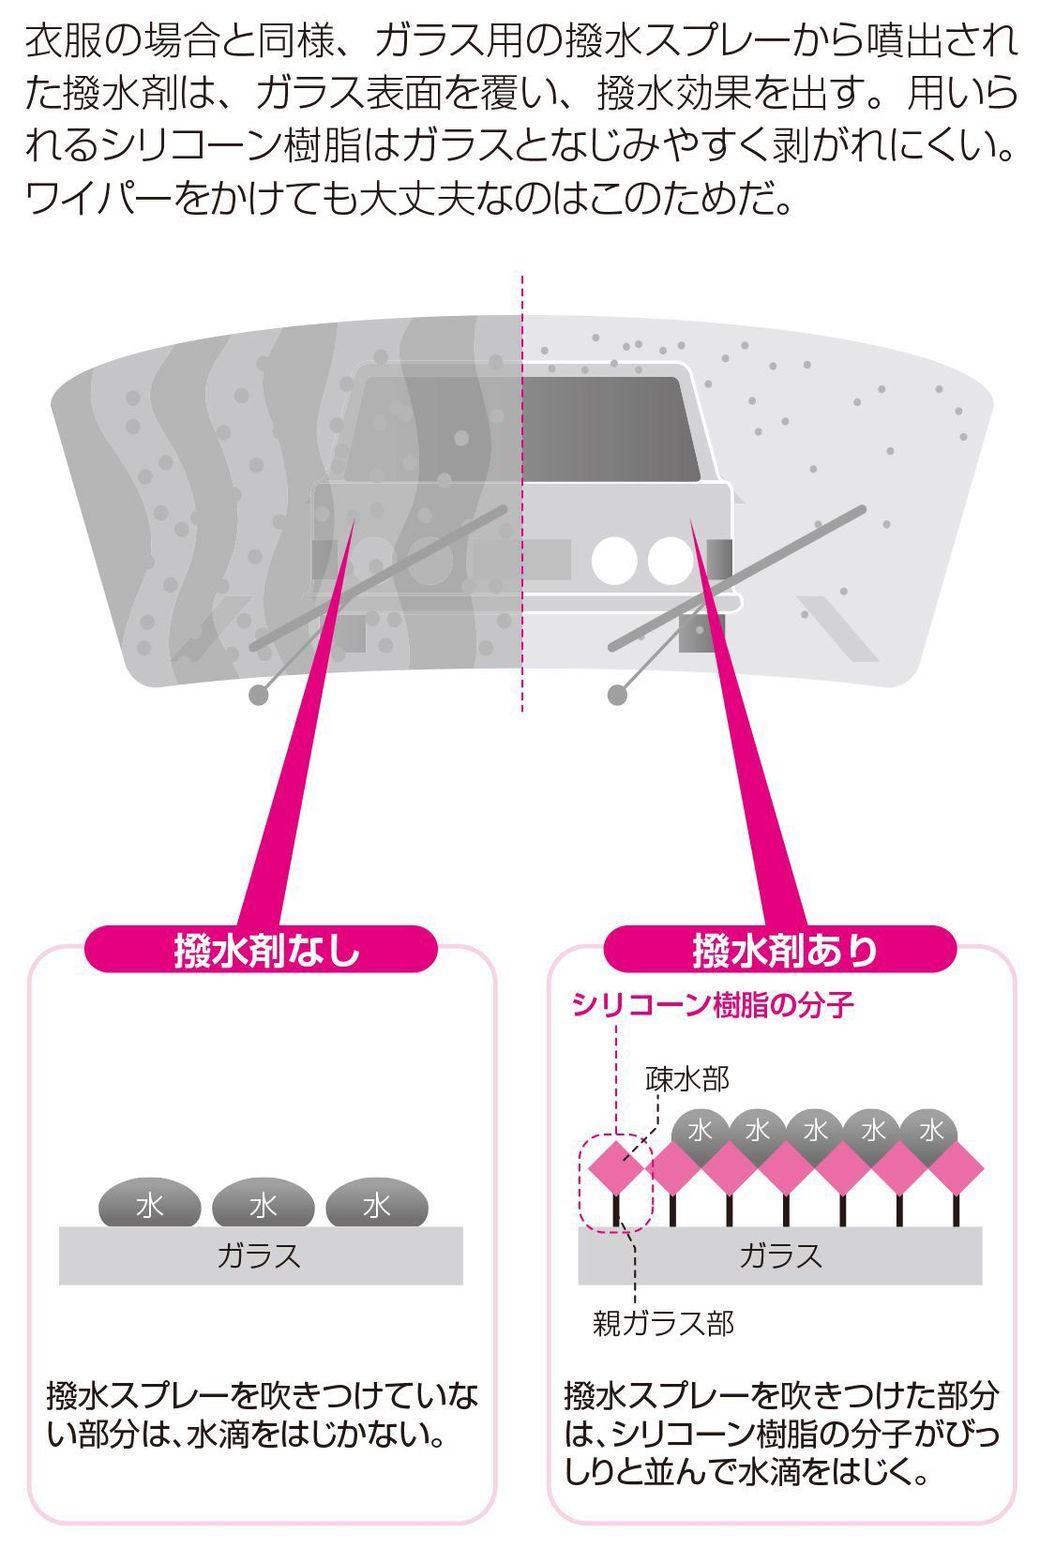 樹脂 と は シリコン